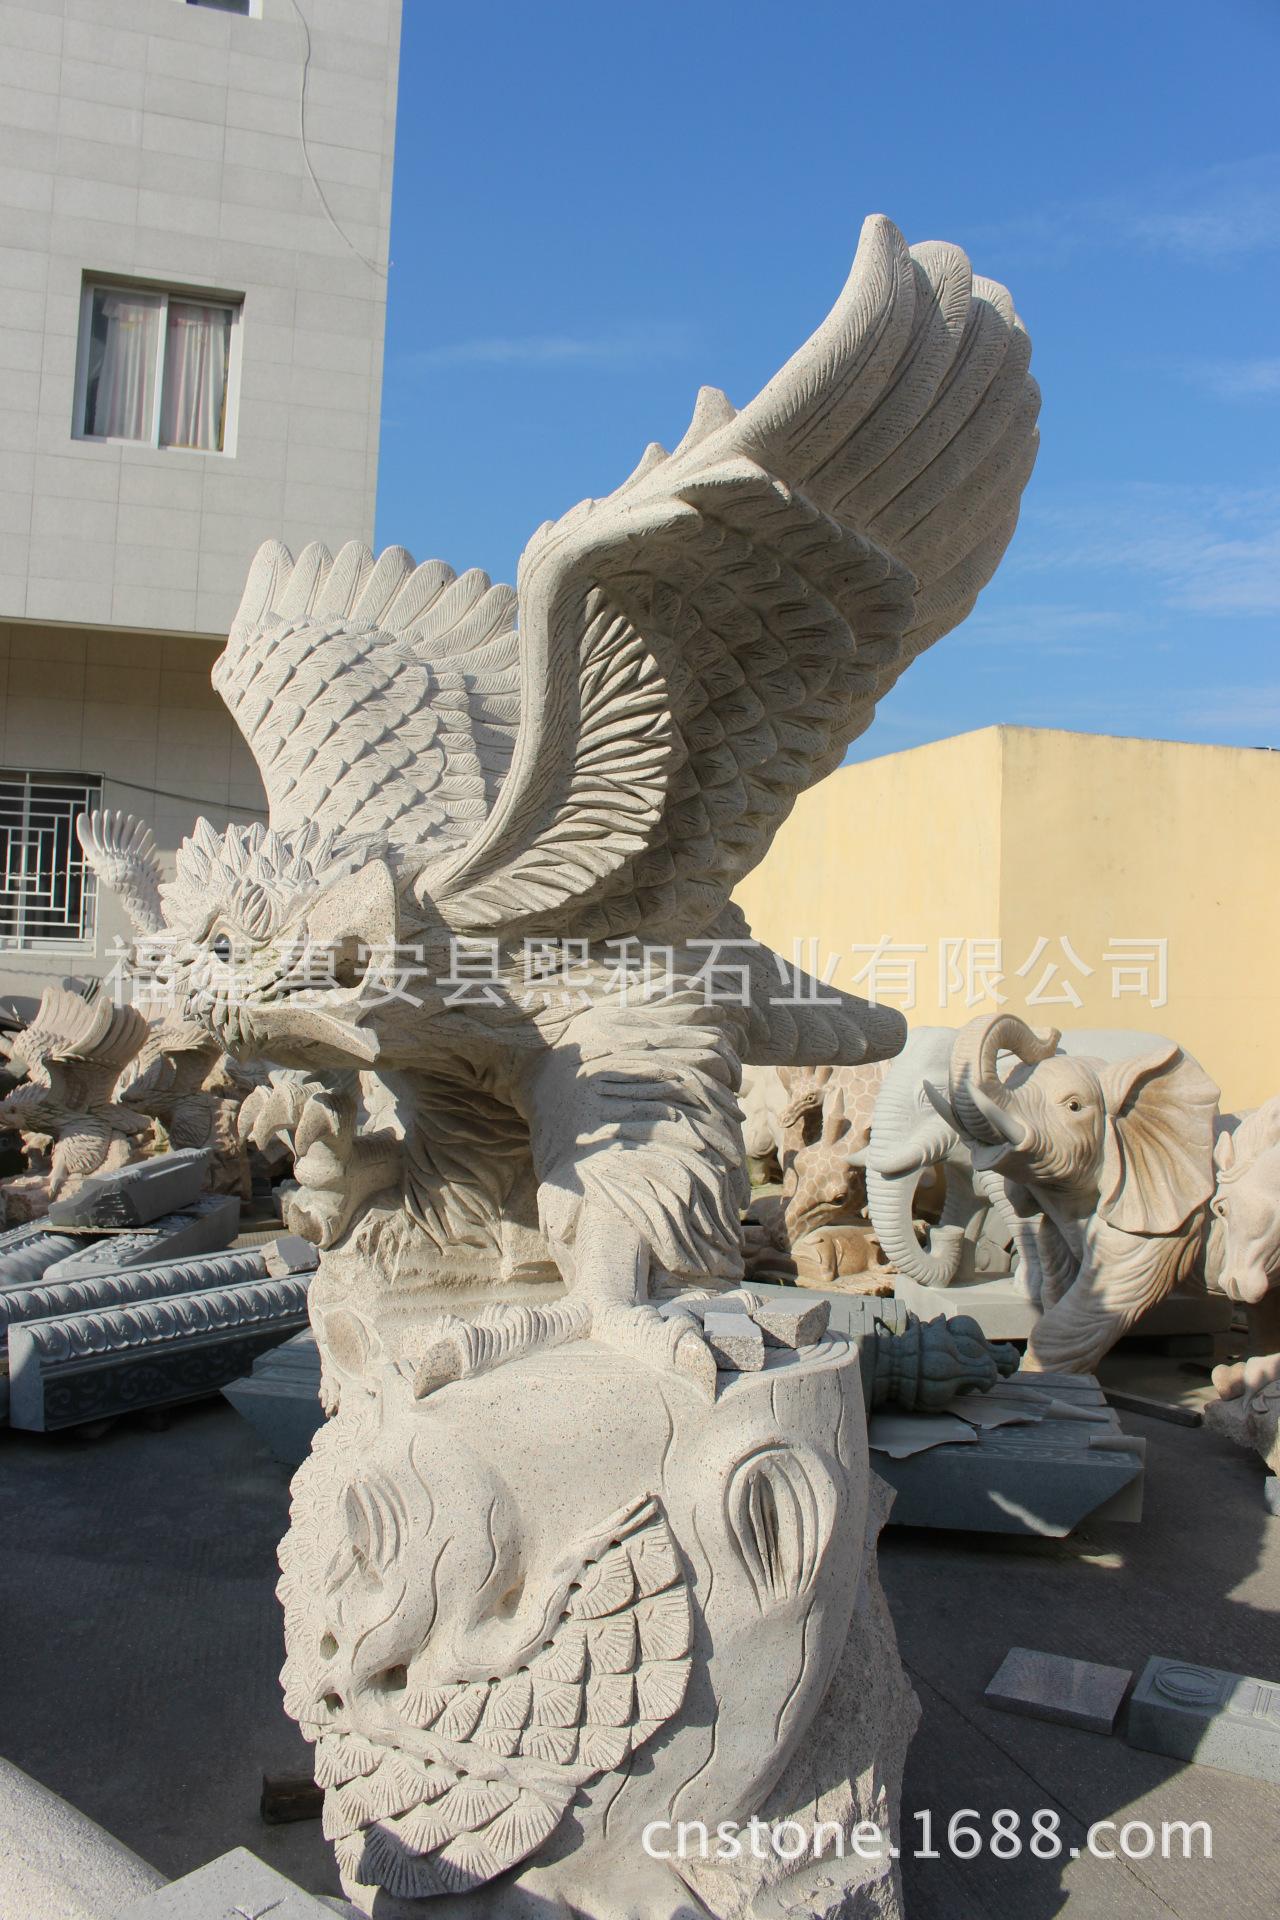 出口石雕动物摆件 动物雕塑雕刻品 福建石雕厂家直销